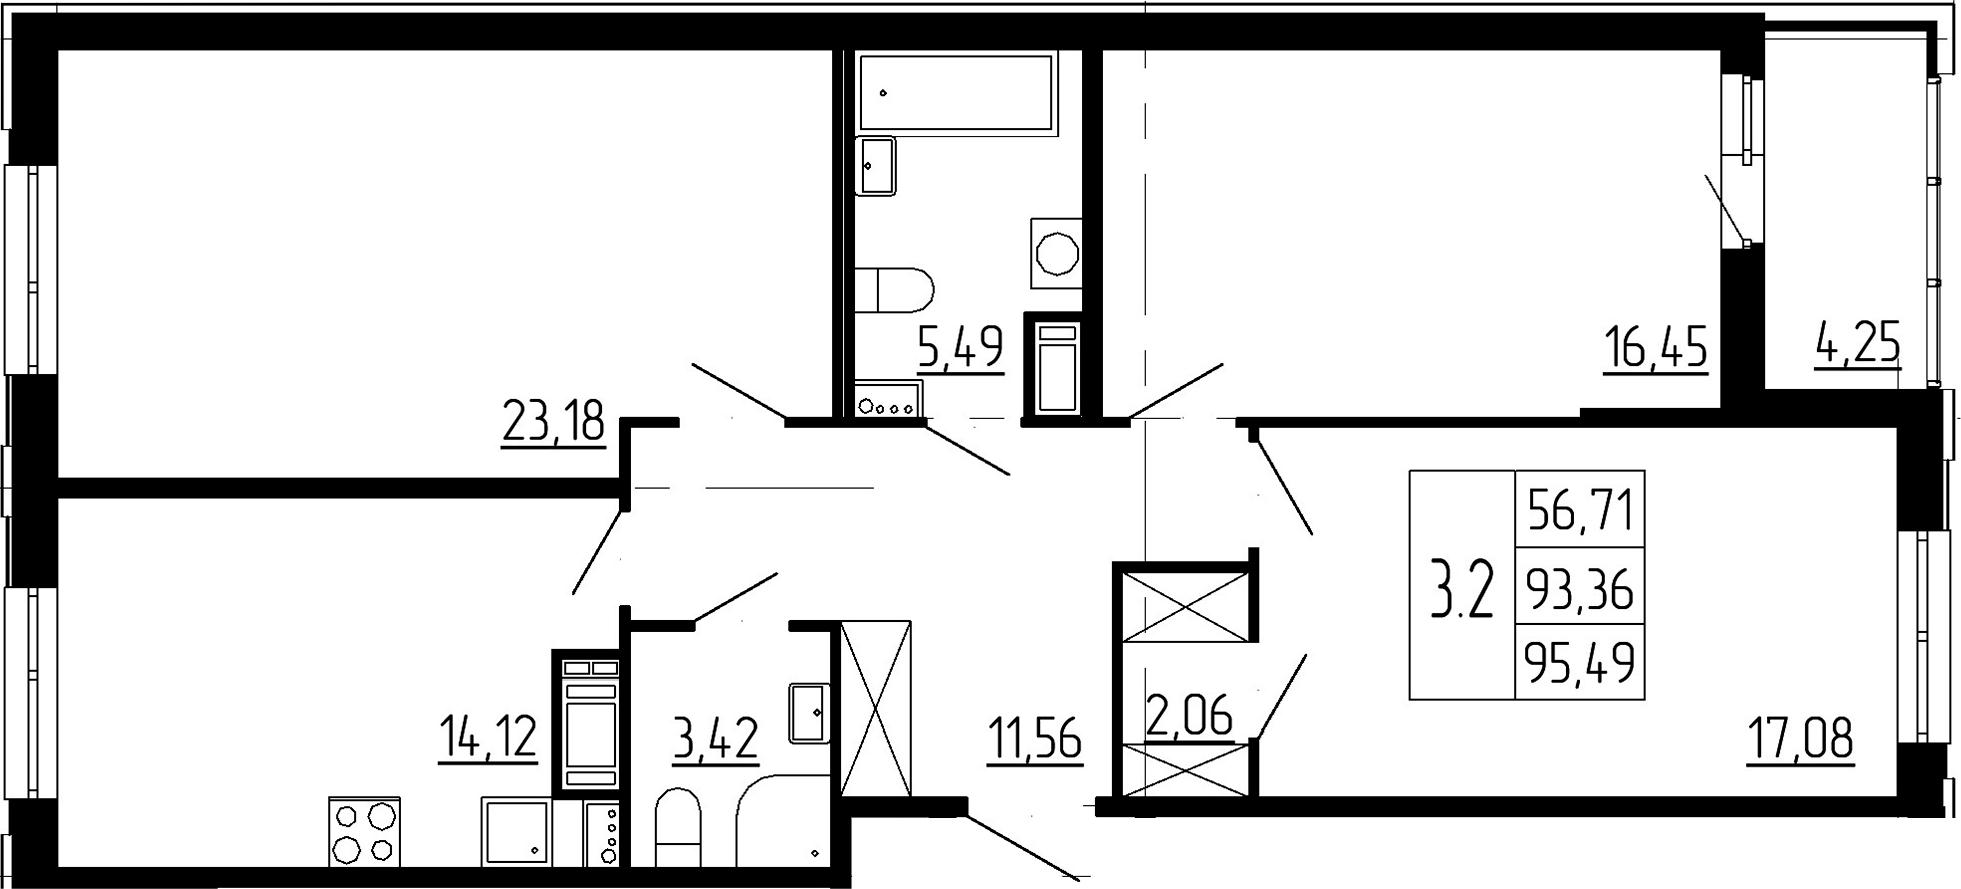 3-комнатная, 93.36 м²– 2